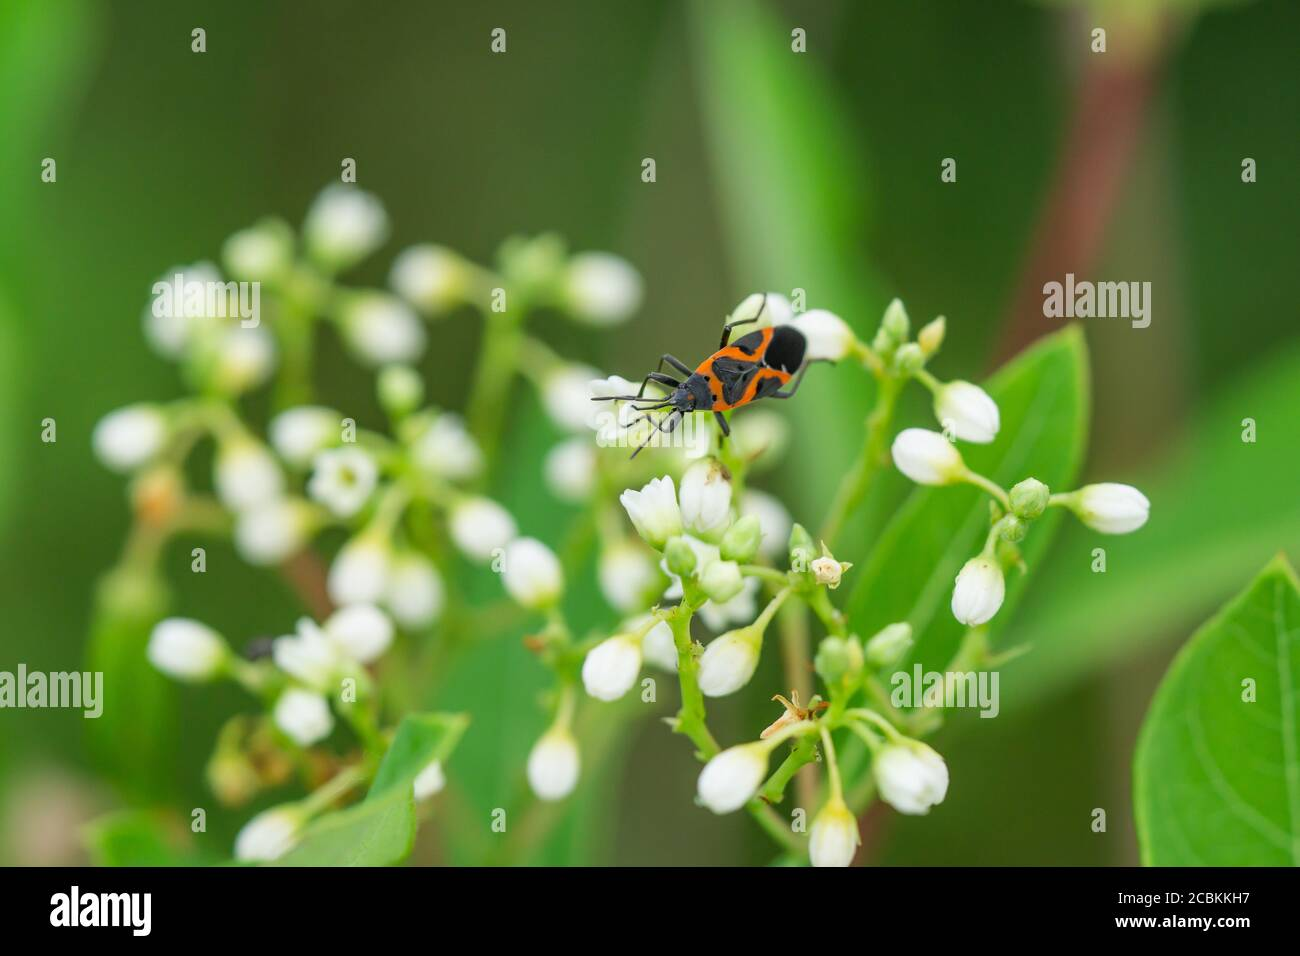 Eastern Small Milkweed Bug on Dogbane Flowers Stock Photo